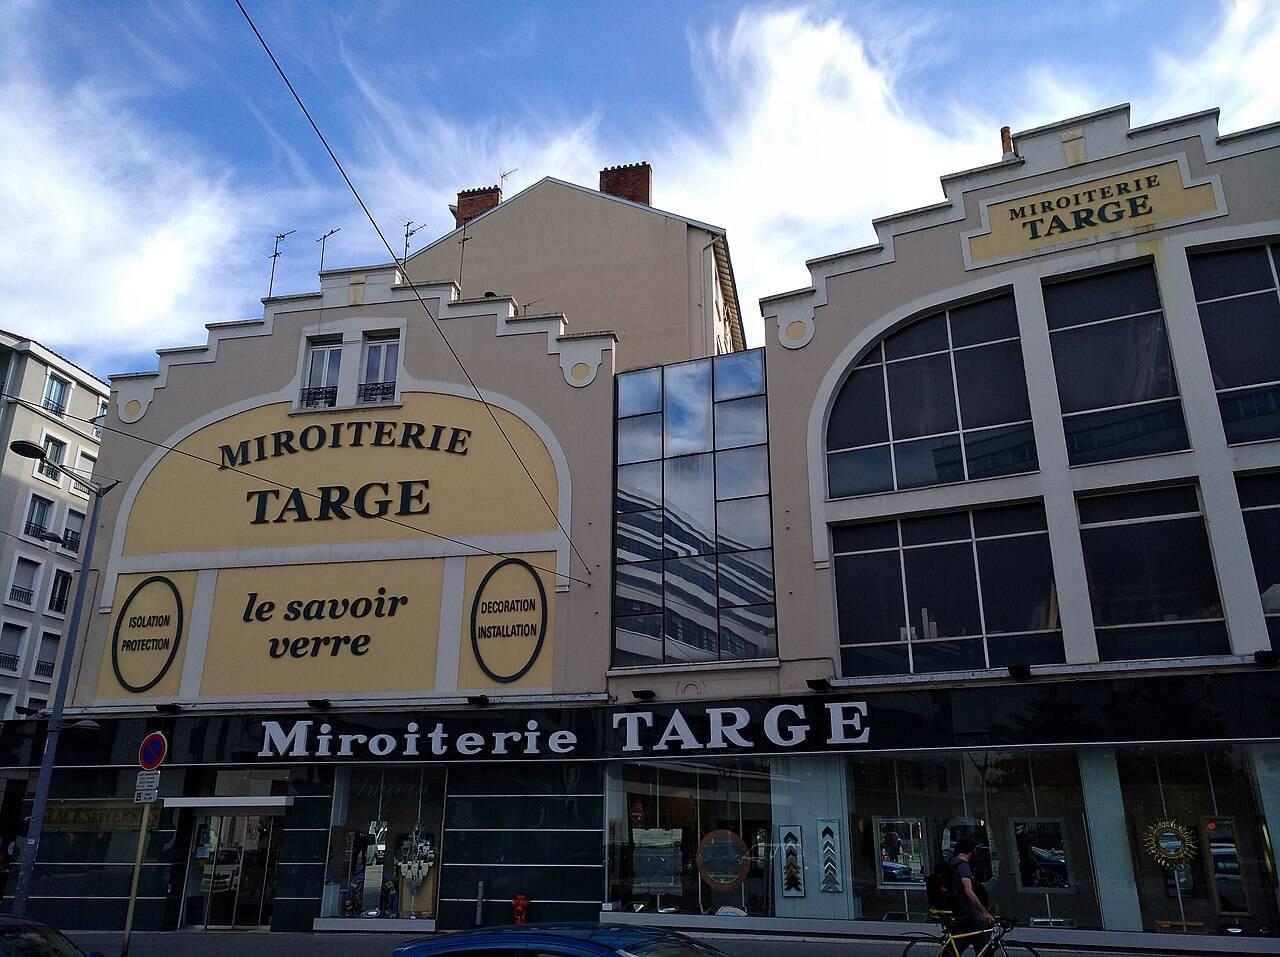 Histoire de Lyon : découvrez la miroiterie Targe !